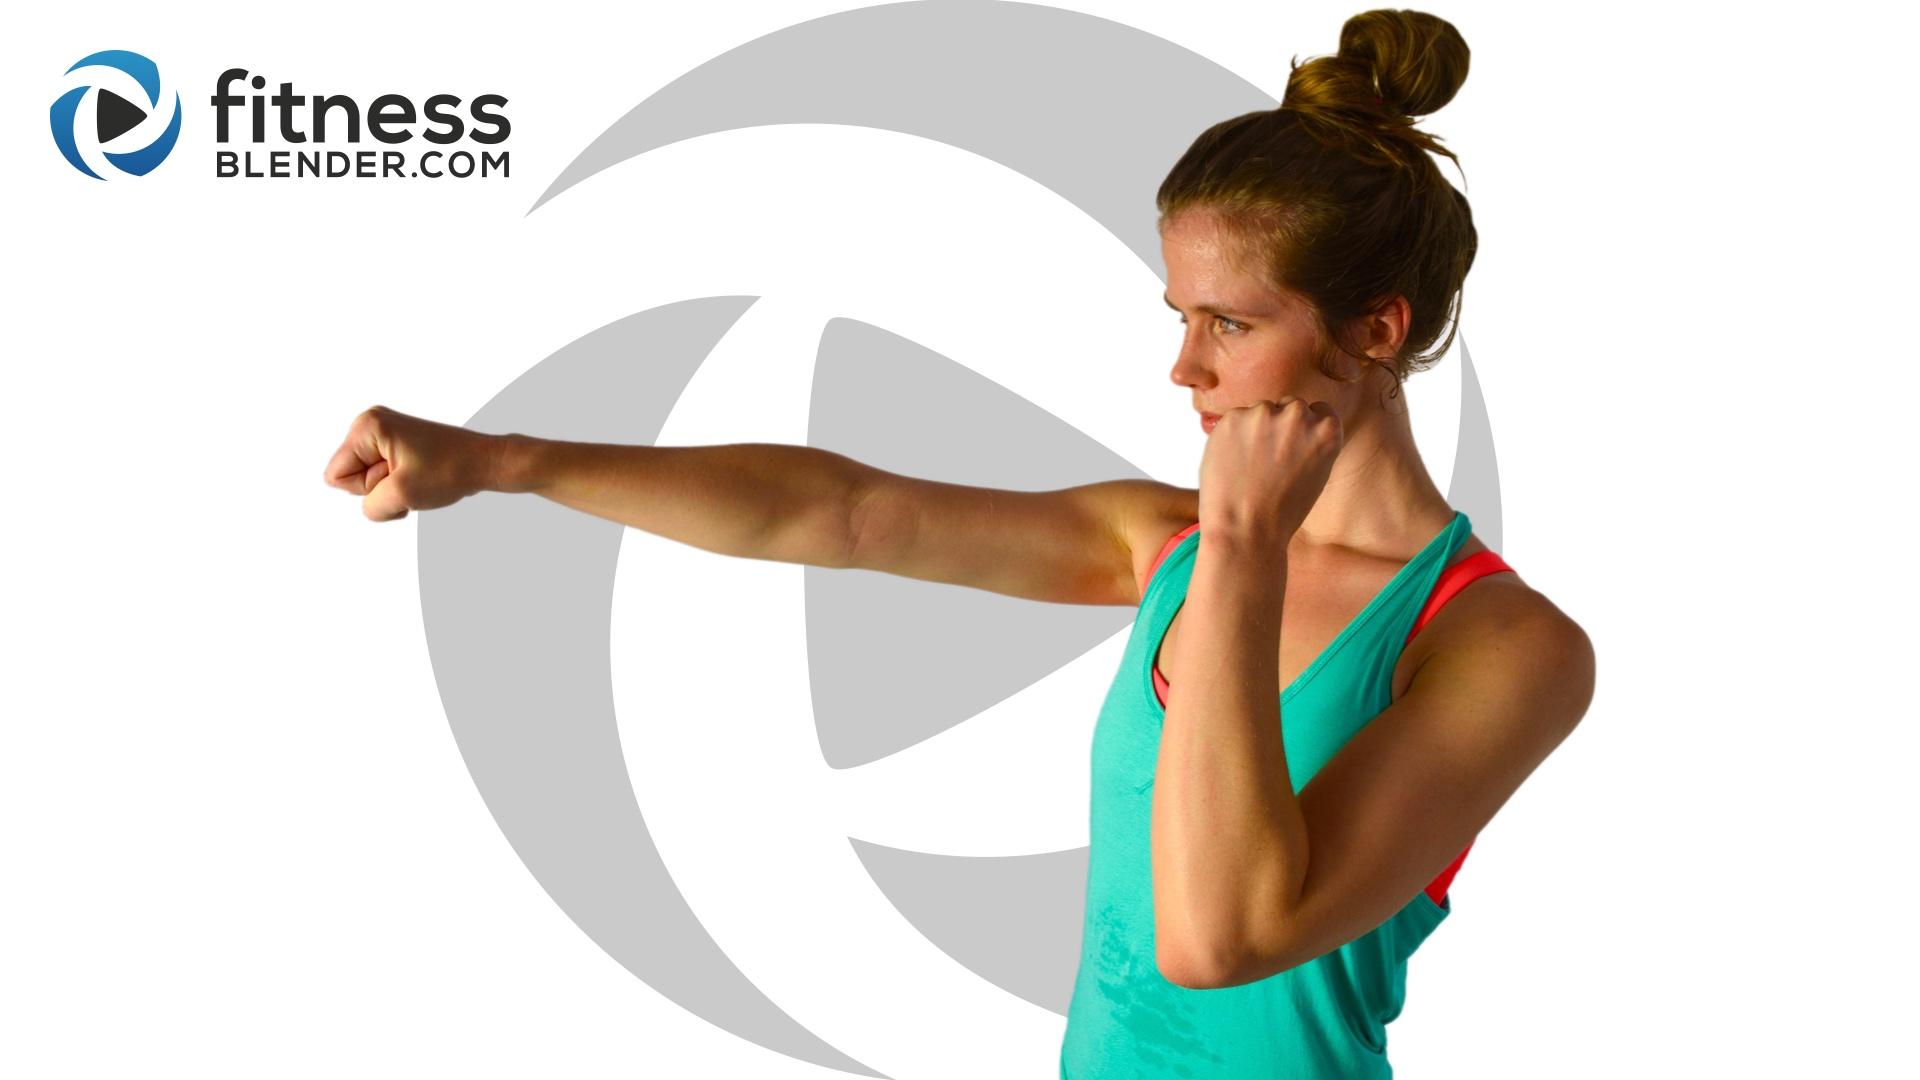 Fitness Blender Kickboxing Workout